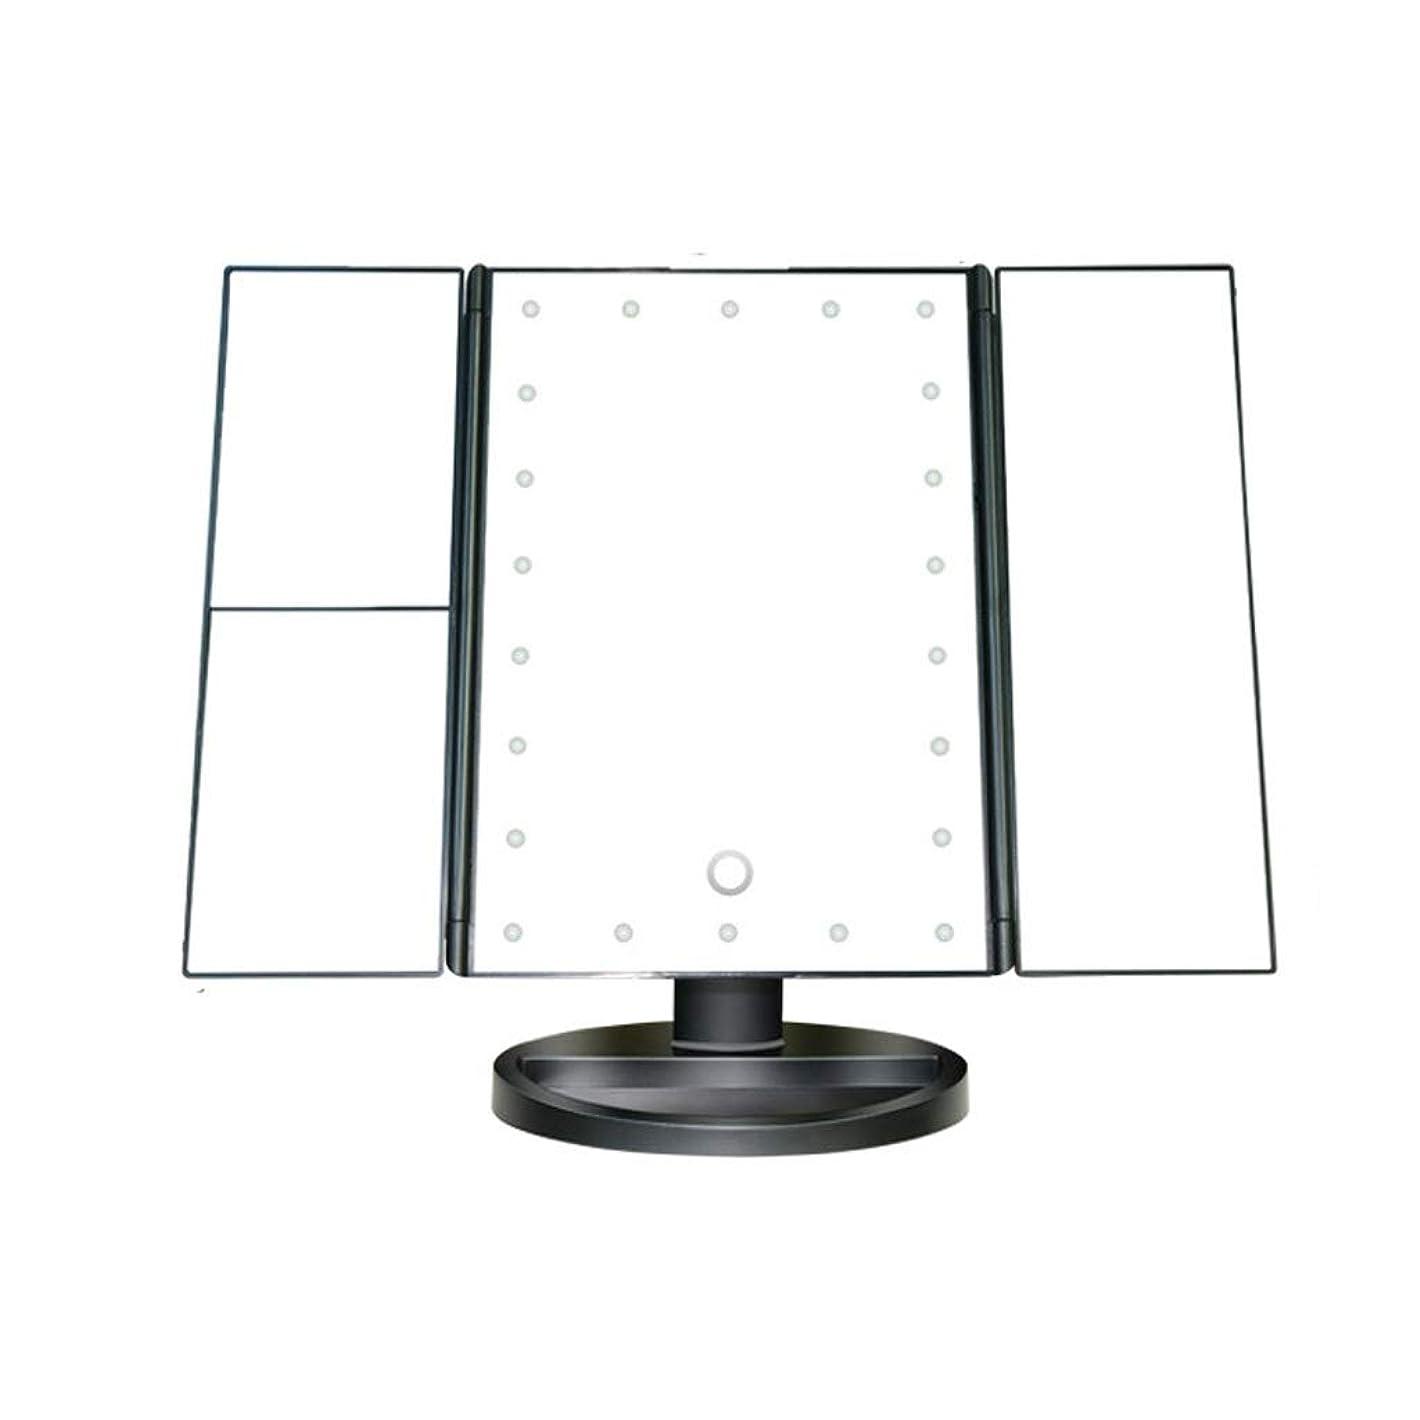 ドットエンドウ献身高品質化粧鏡 デスクトップ化粧鏡付きLED折りたたみトリプルミラー化粧鏡拡大化粧鏡化粧台鏡 ポータブル (Color : Black)